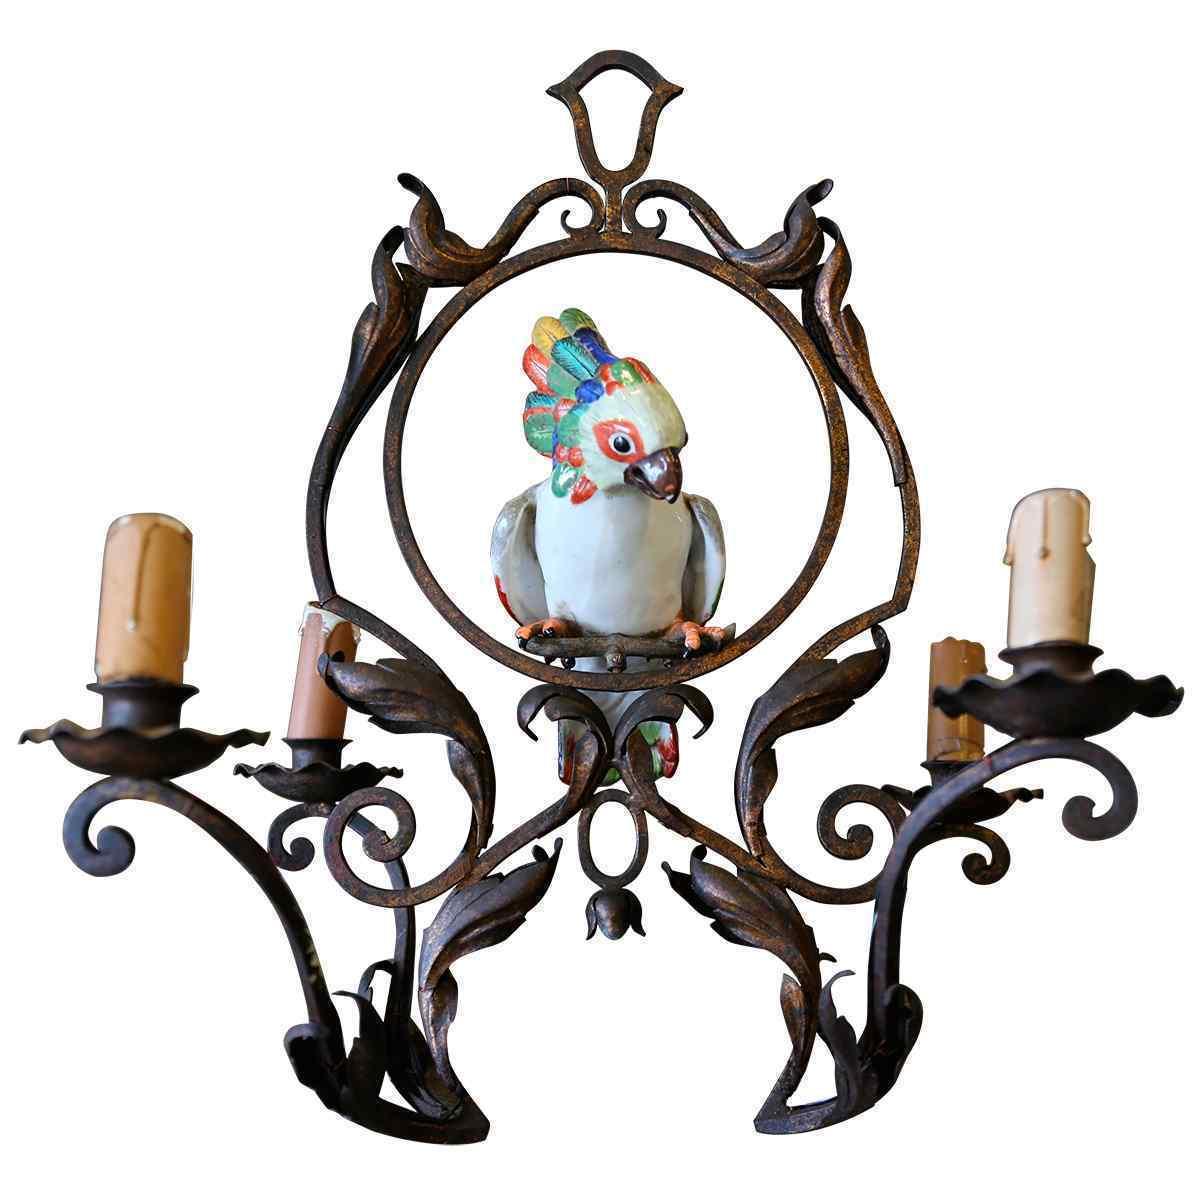 Un lampadario in ferro battuto e porcellana 19° secolo